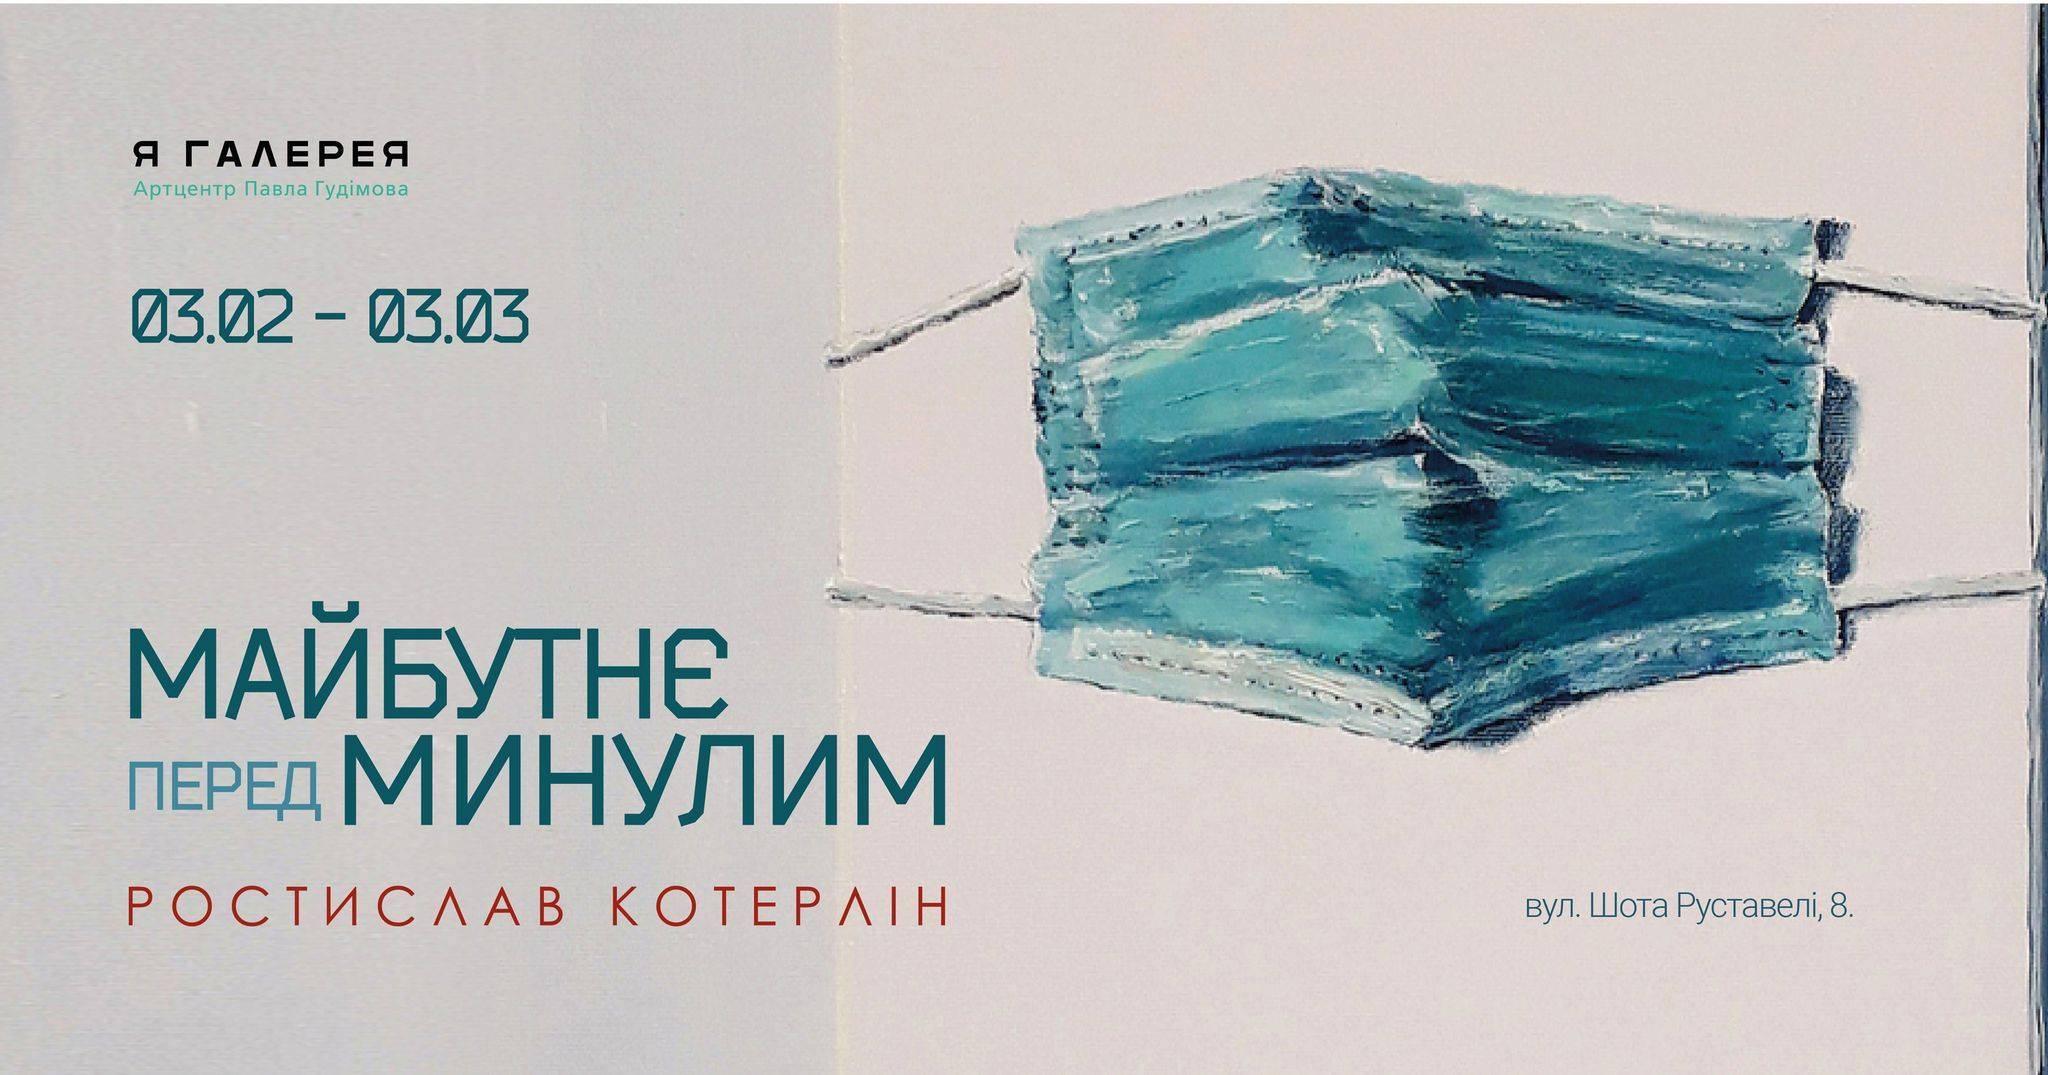 Ростислав Котерлін в Ya Gallery Lviv